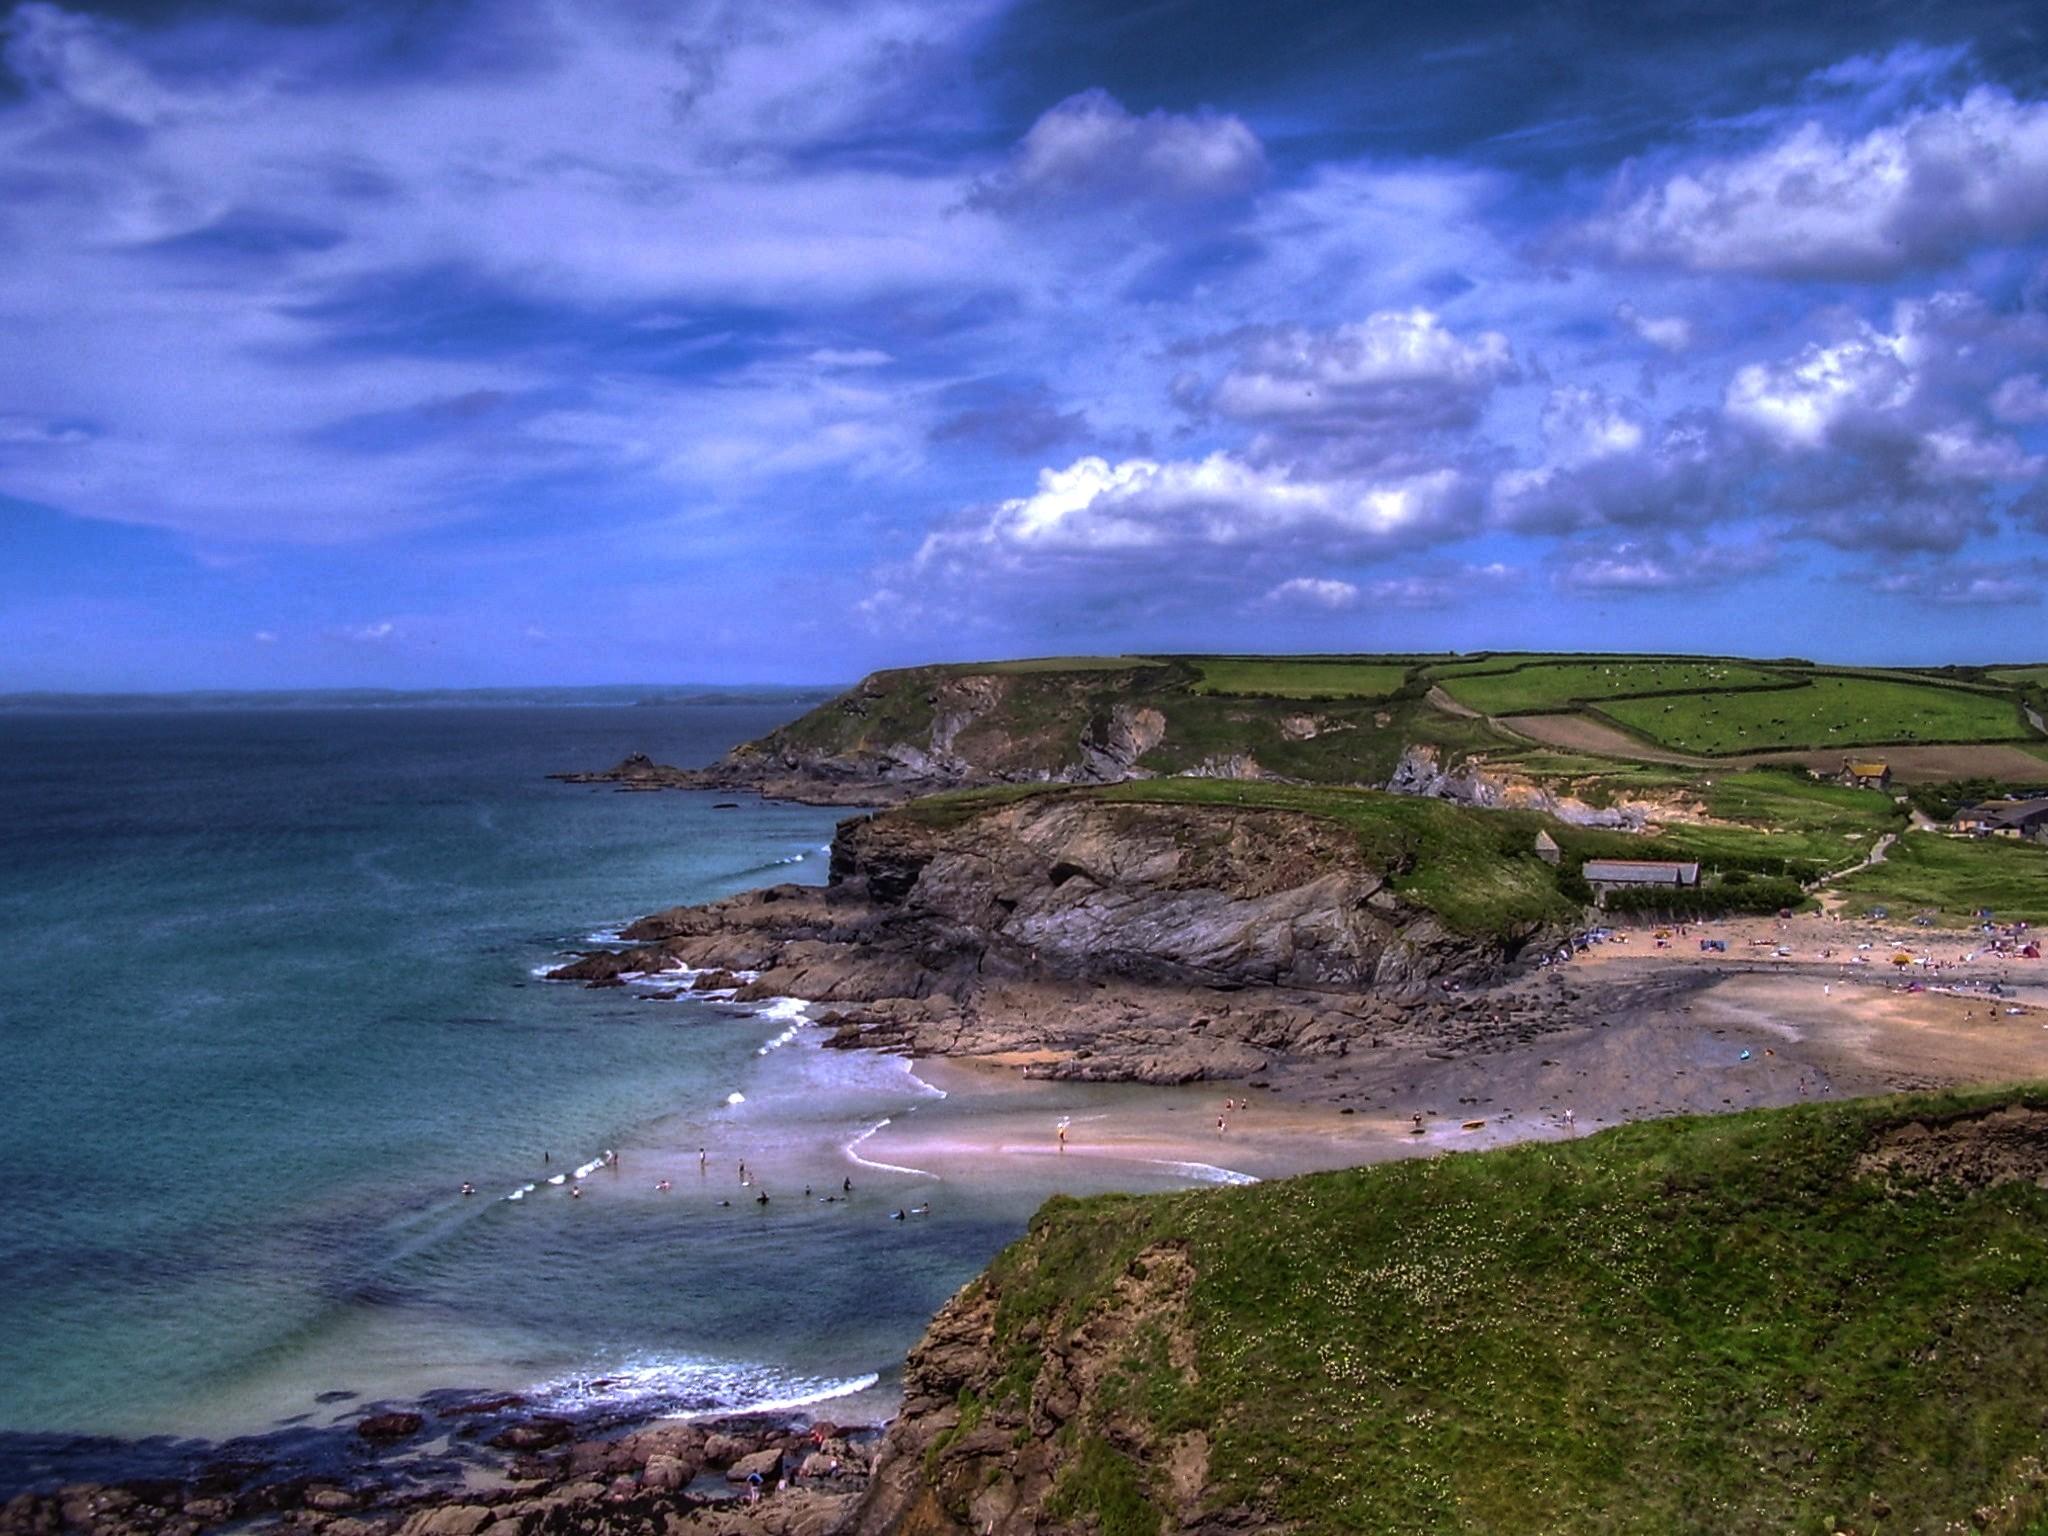 Download Beach Cornwall Wallpaper 2048x1536 Wallpoper 389331 2048x1536